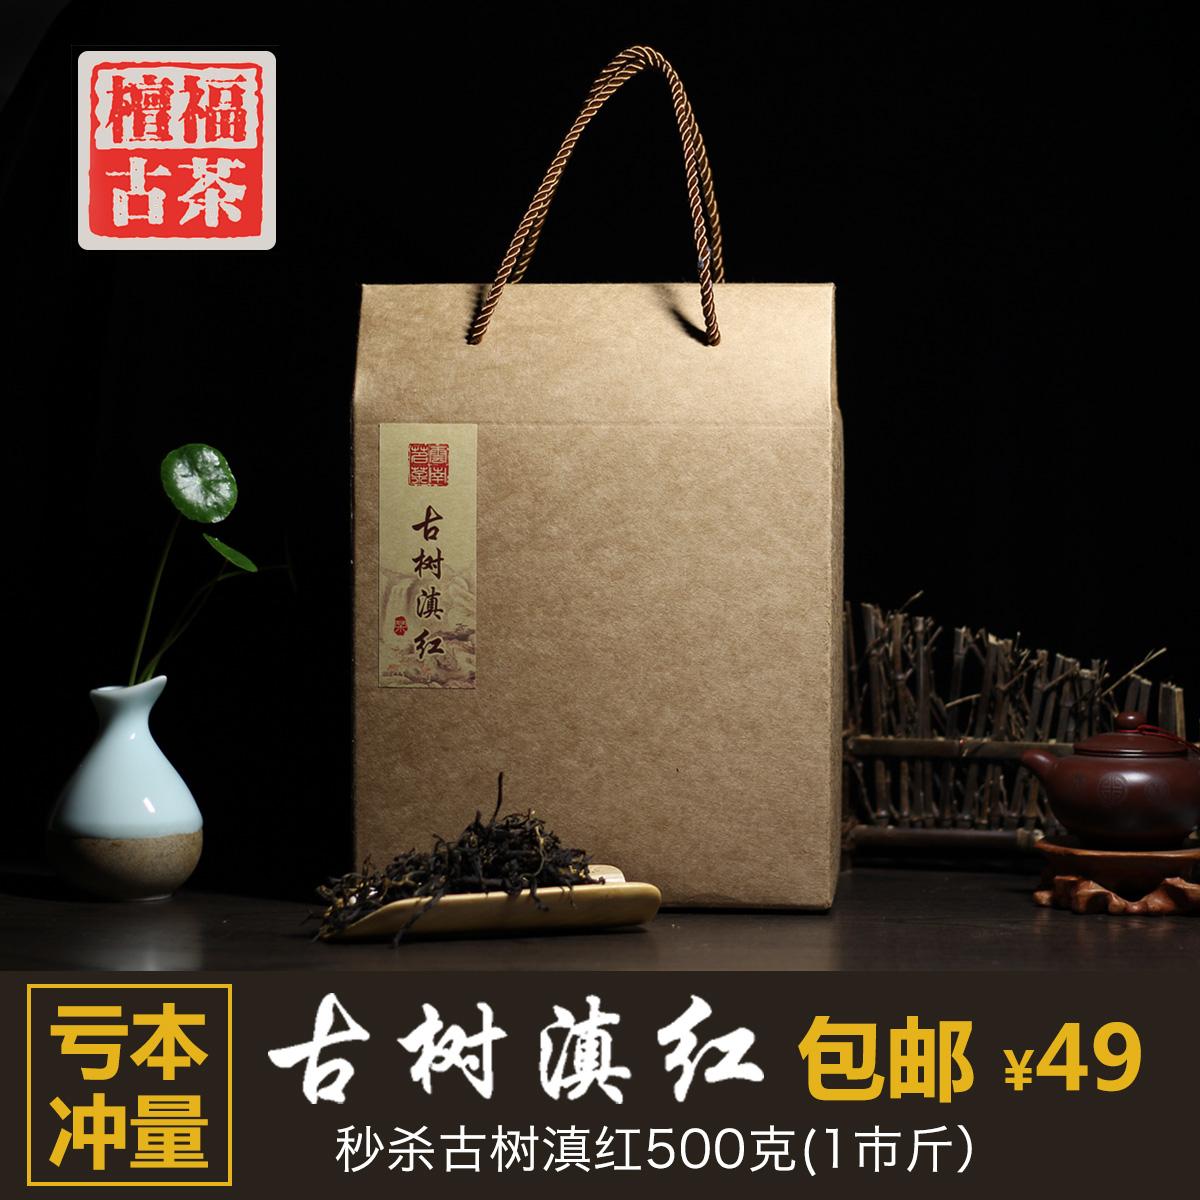 云南滇红野生古树滇红茶 特级500g 厂家直销包邮特价优惠